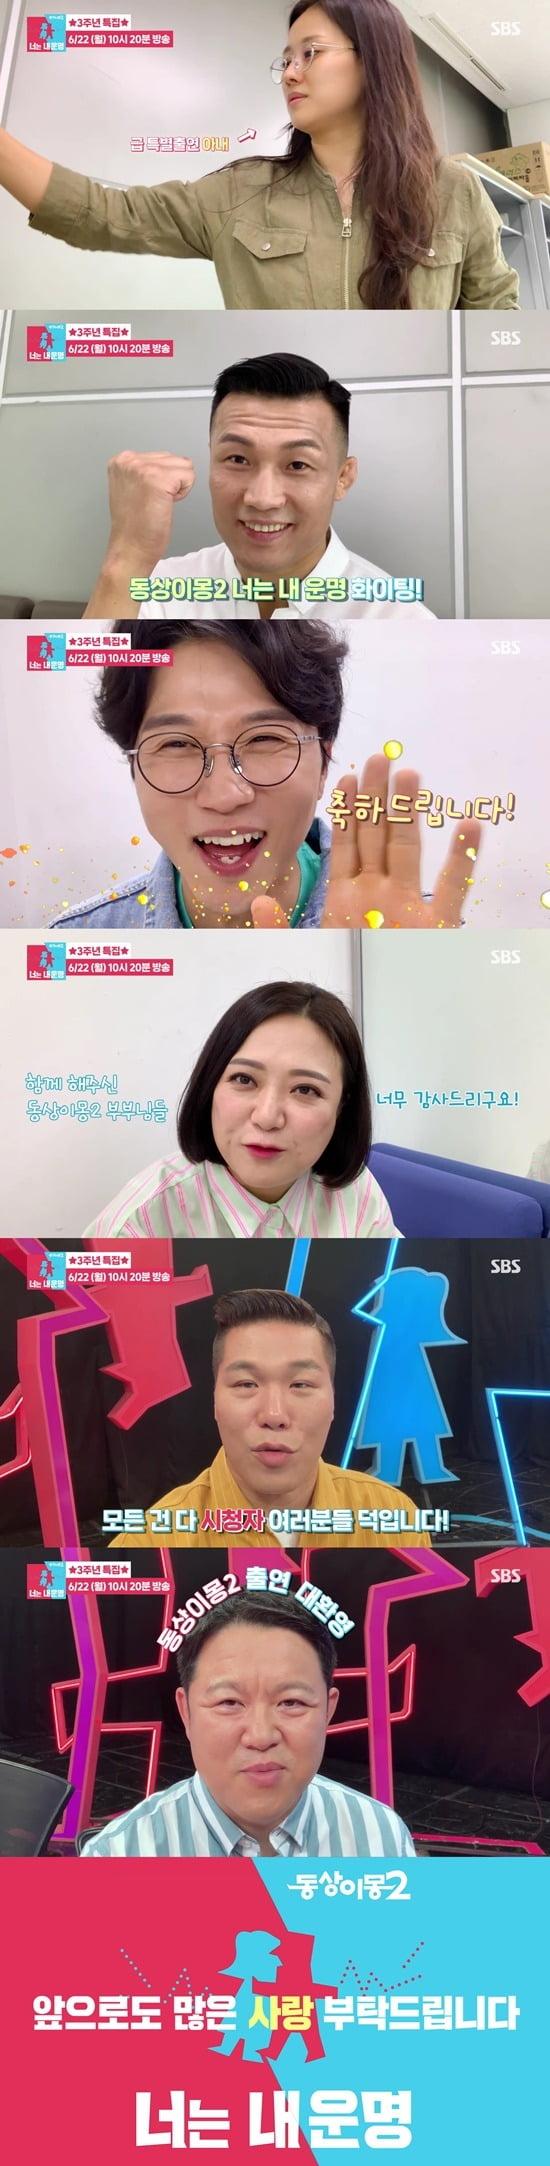 '동상이몽2' MC들과 출연진이 3주년 축하 인사를 전했다. / 사진제공=SBS